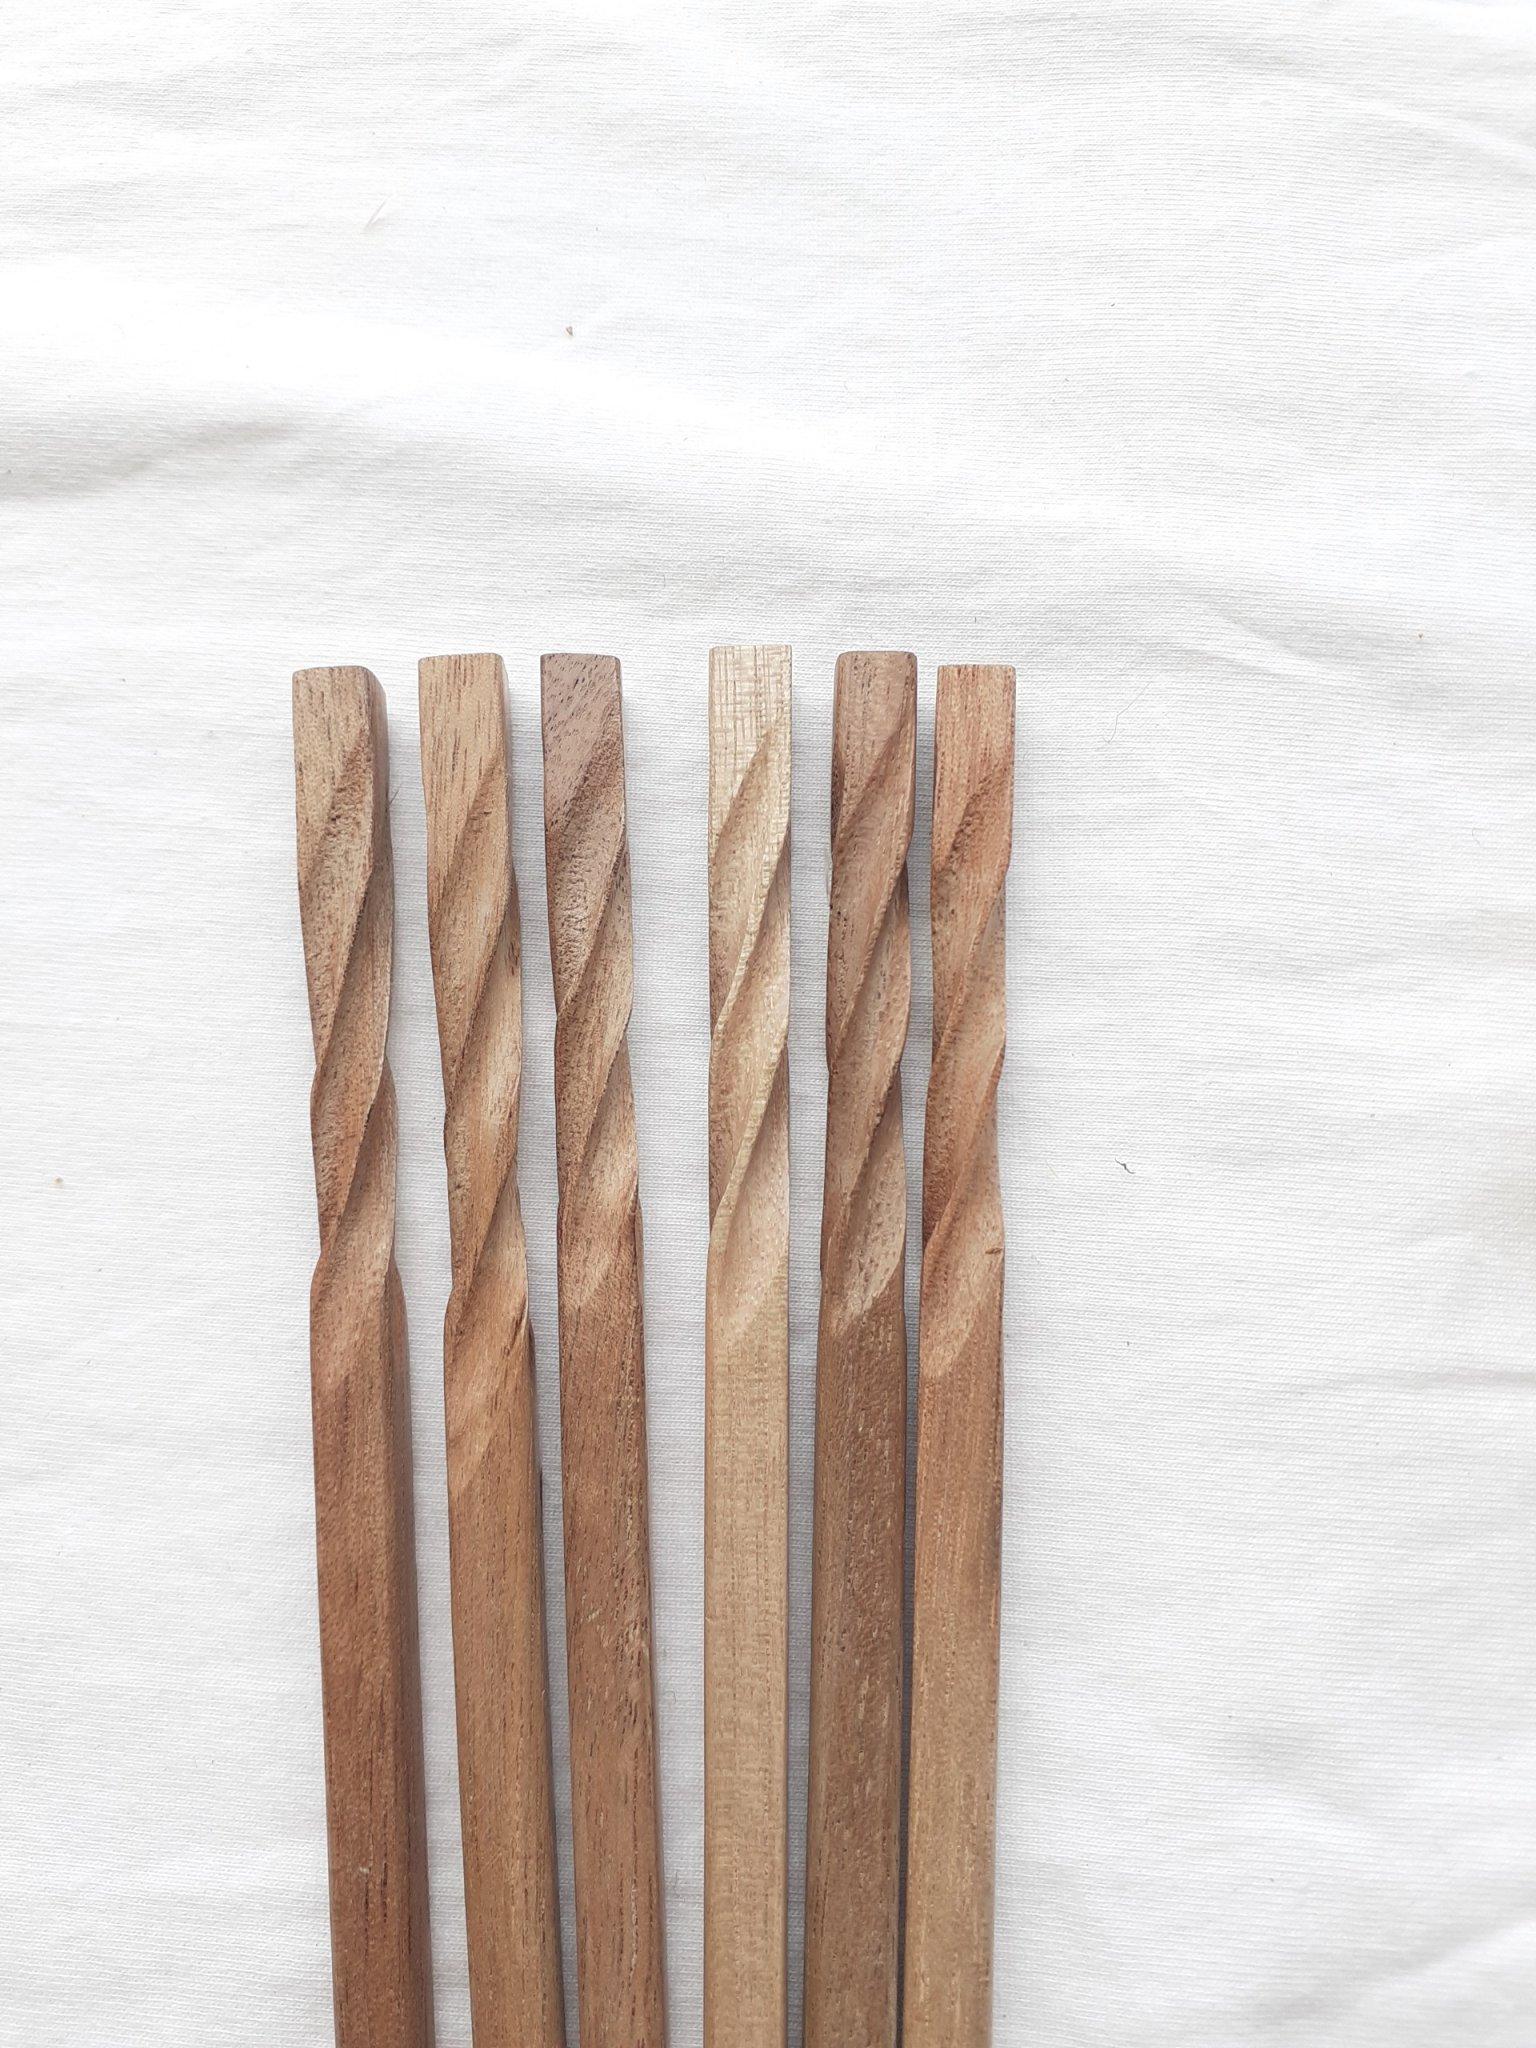 Đũa gỗ óc chó siêu nhẹ - Bộ 5 đôi